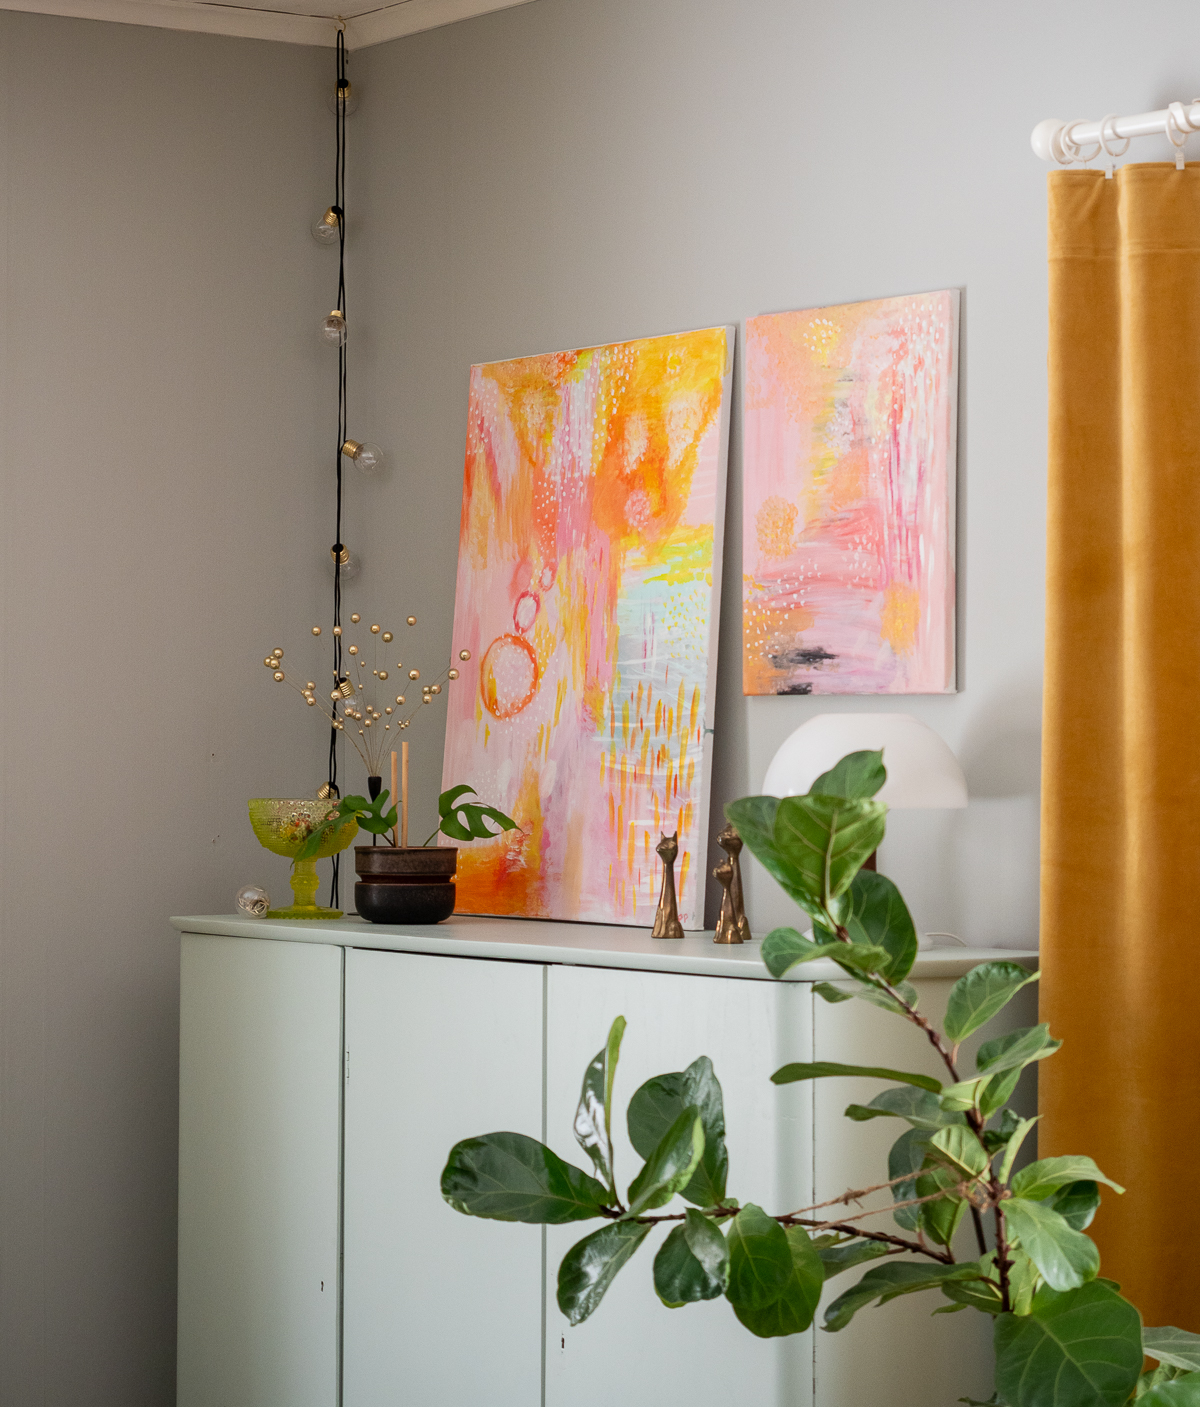 värikäs maalaus